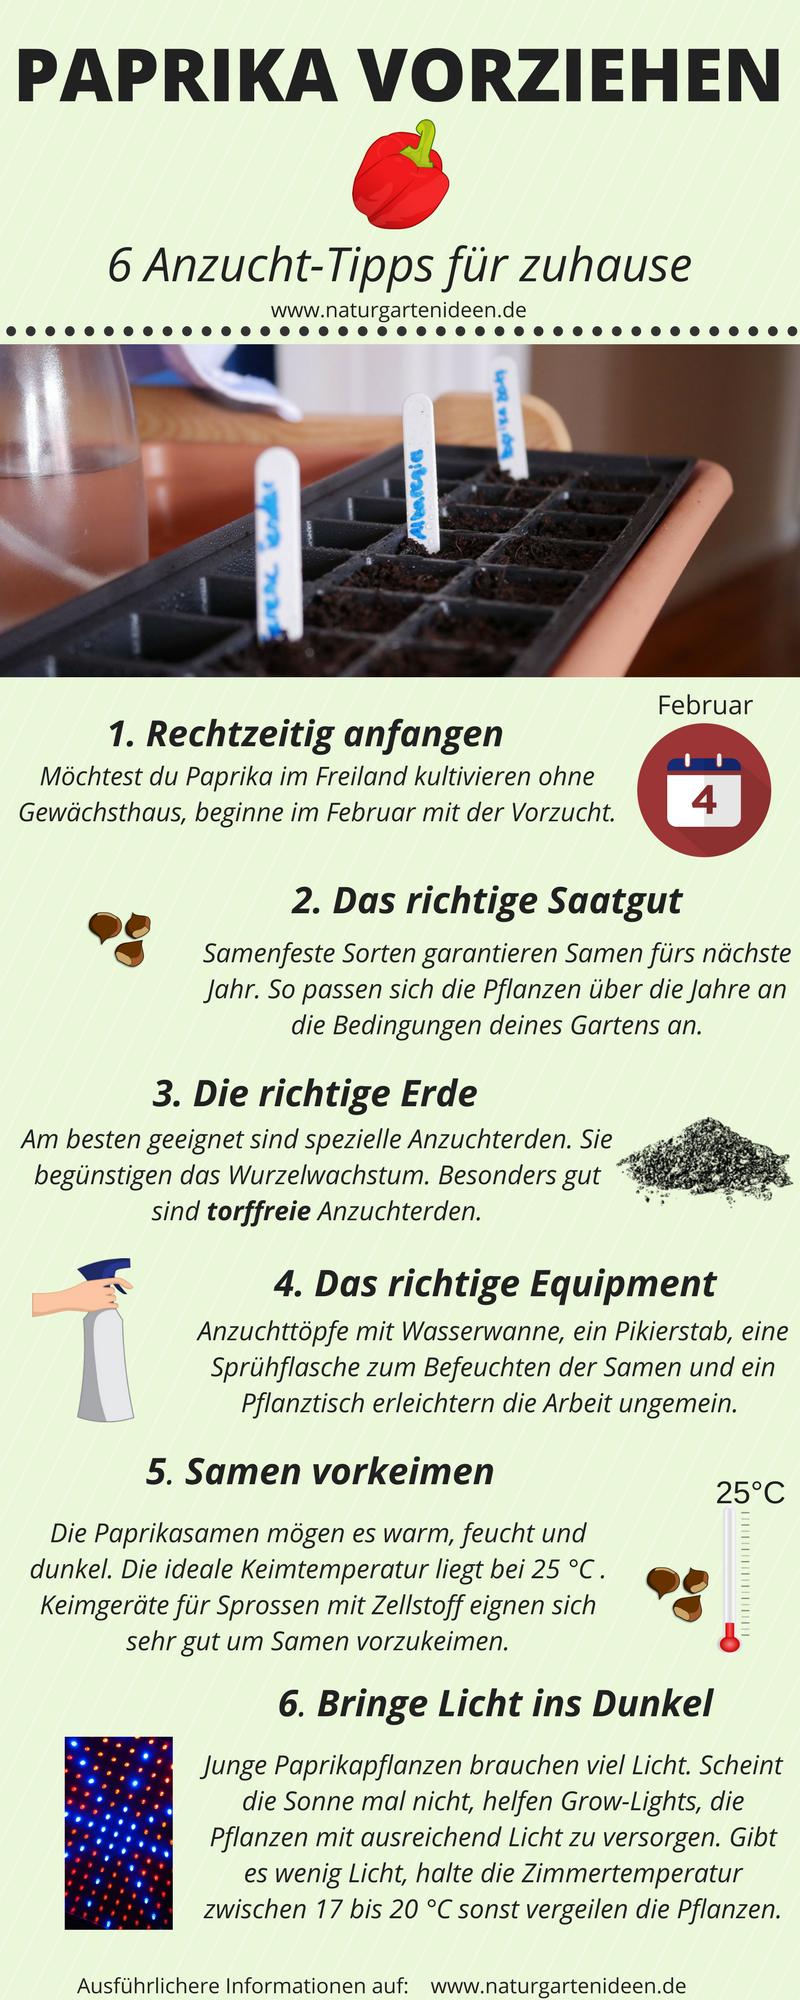 Paprika vorziehen - 6 Tipps für die Anzucht von Paprika #anbauvongemüse